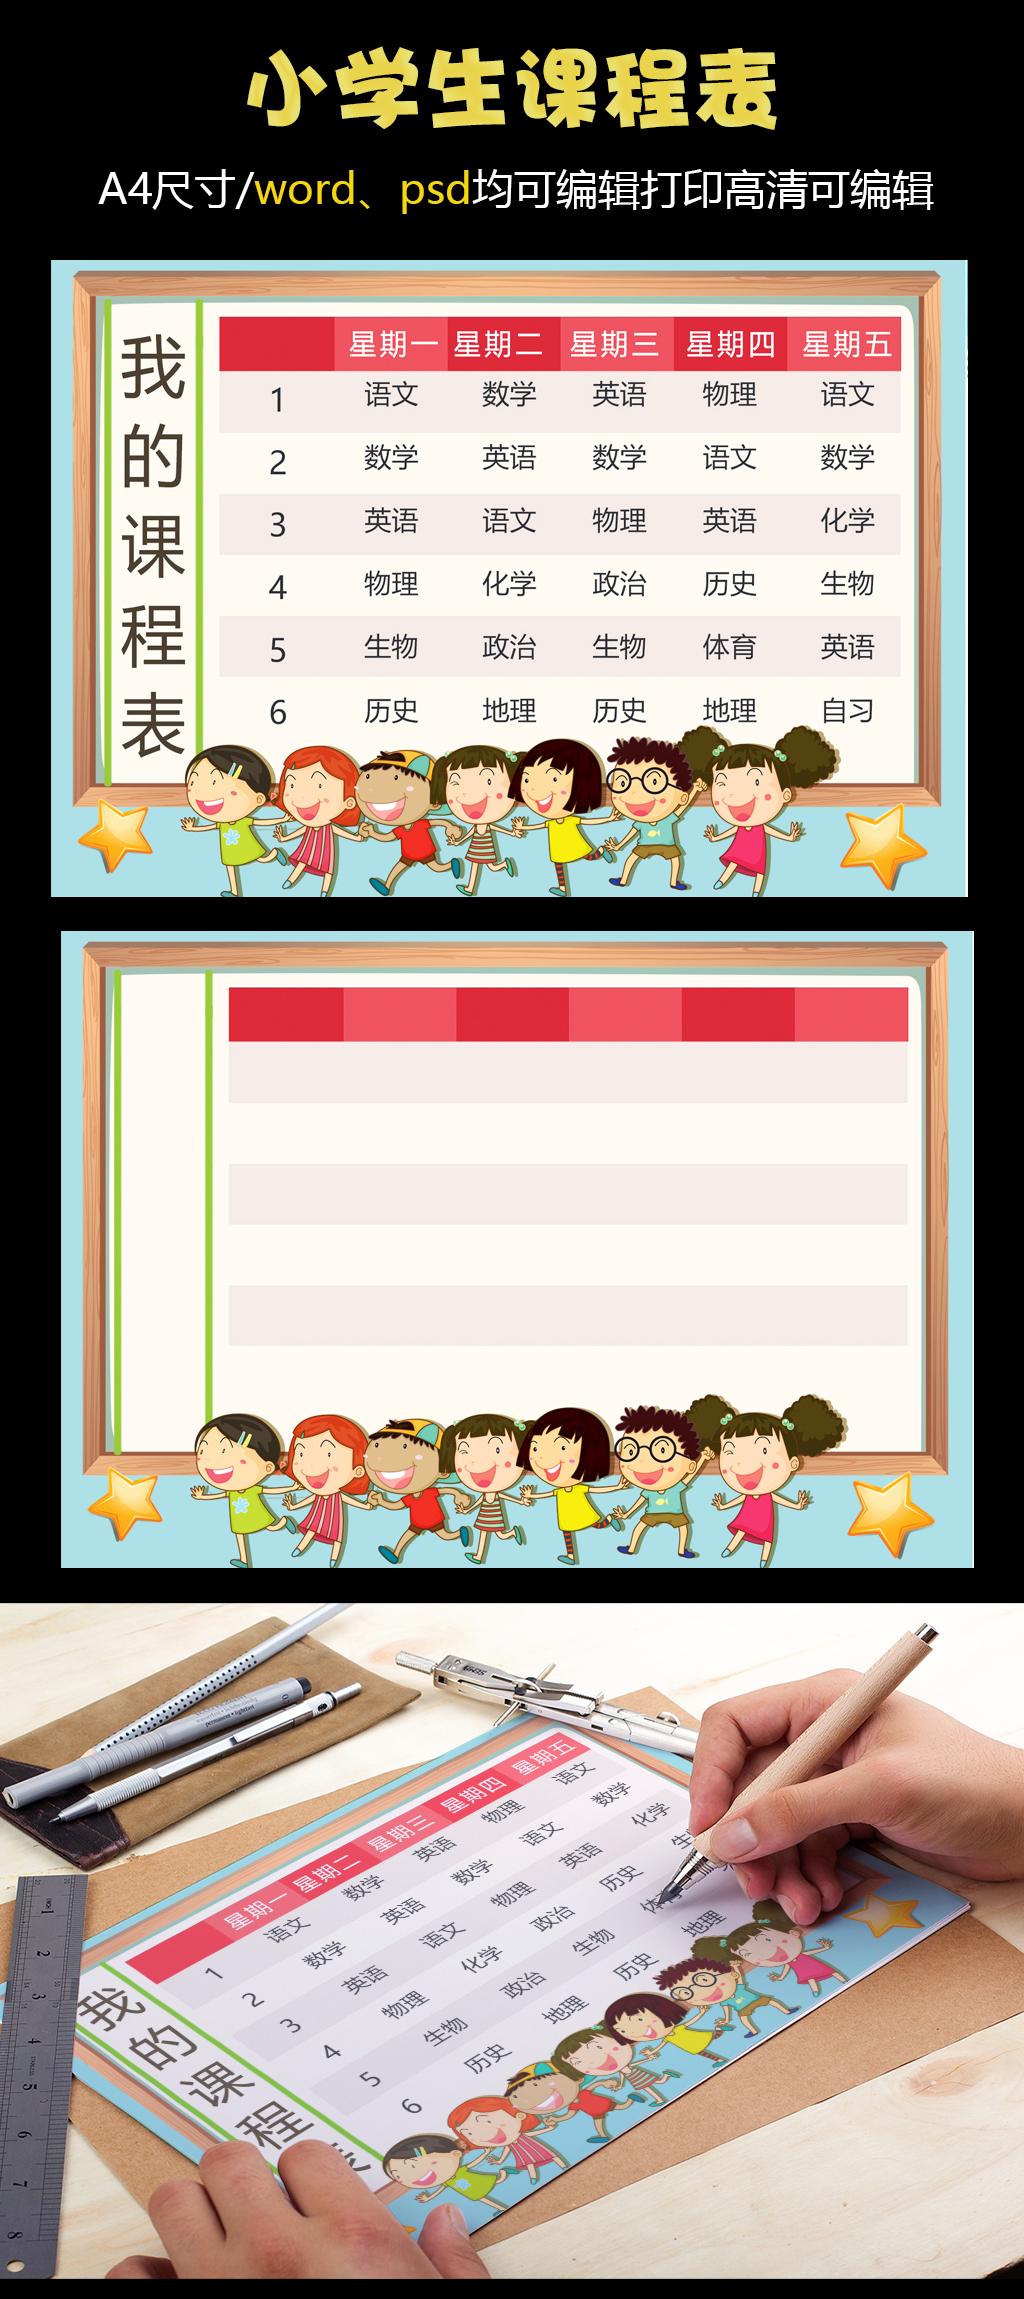 班级网站设计图片手绘